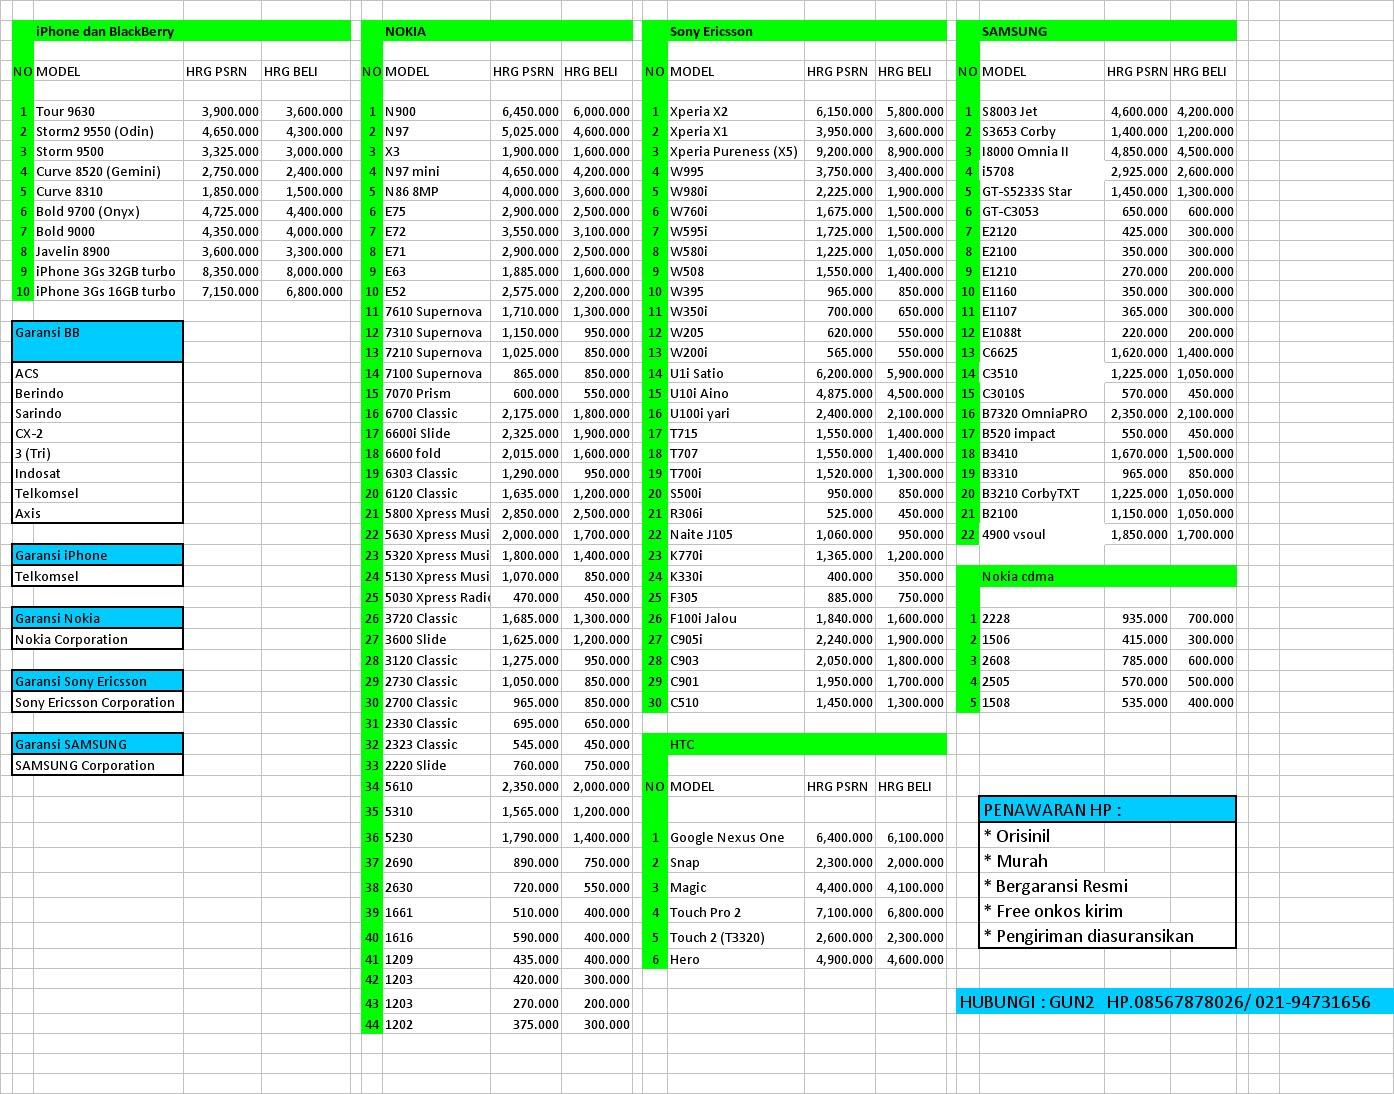 Daftar Wallpaper Hp Pubg: Daftar Harga Hp Samsung Android Terbaru Agustus 2014